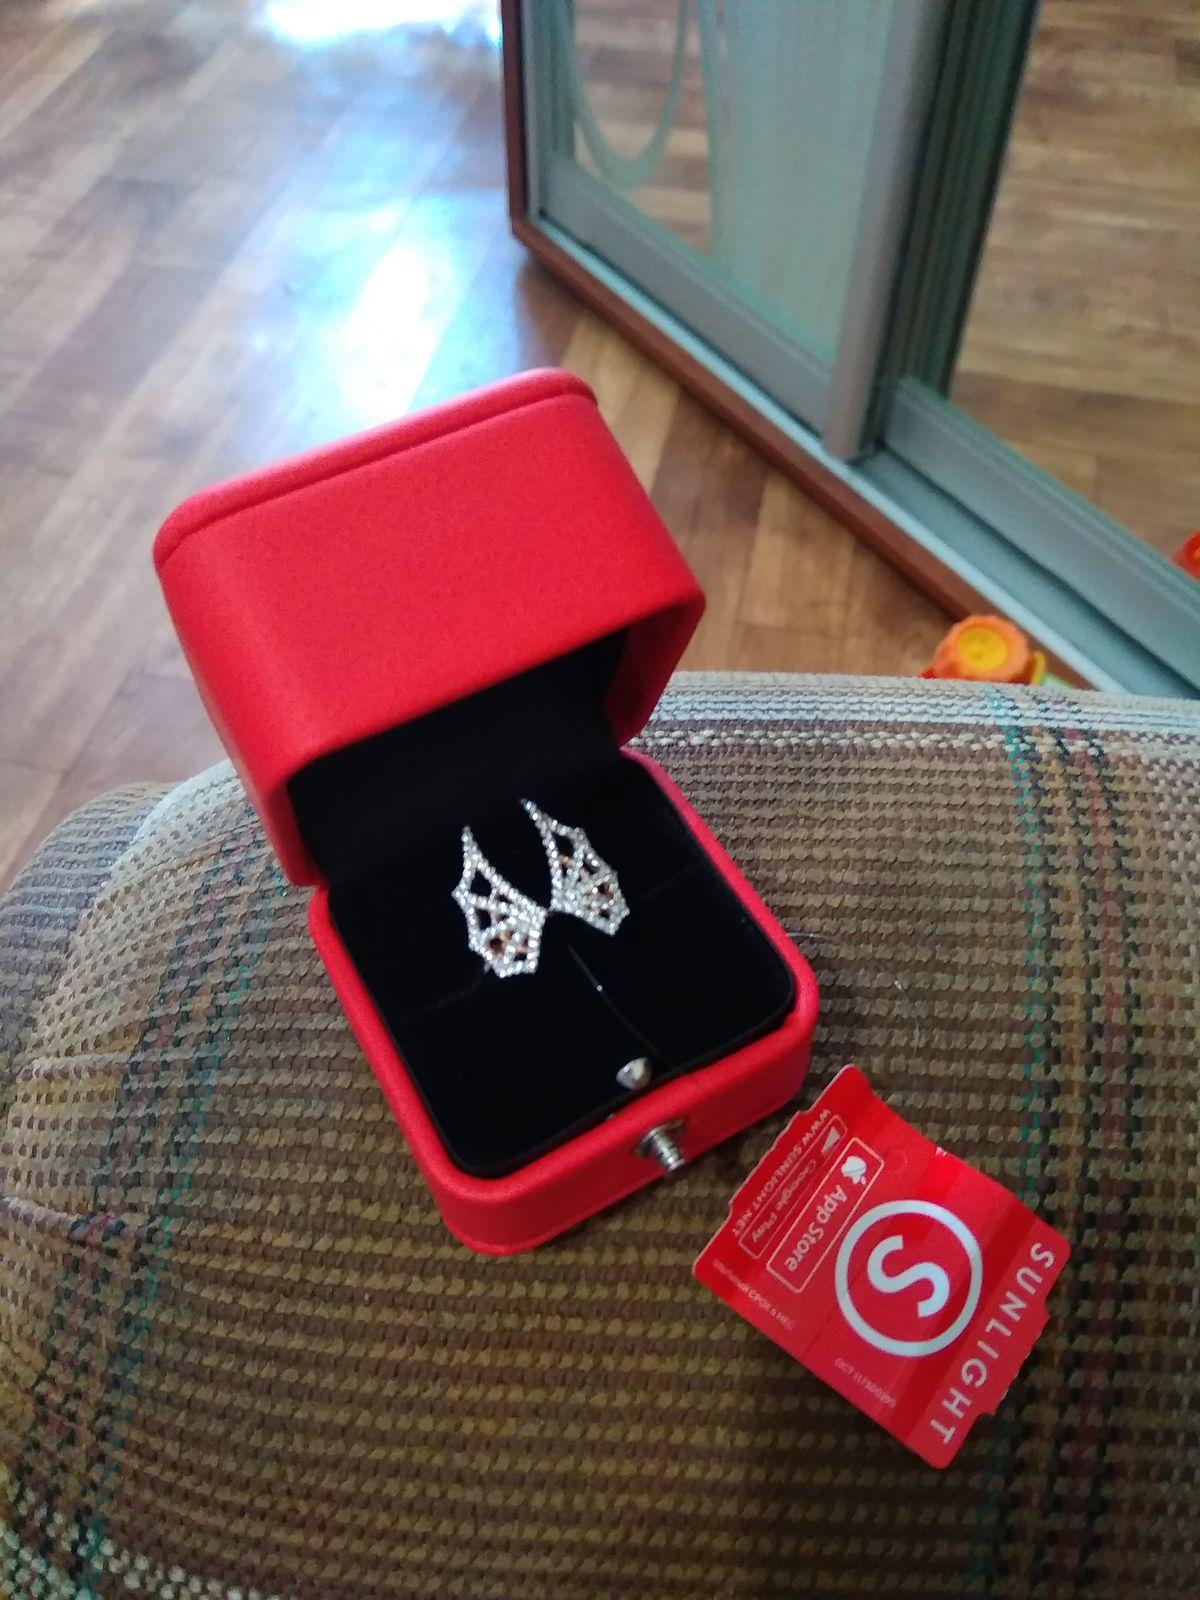 Красивое кольцо!Получила от любимого человека, очень понравилось!